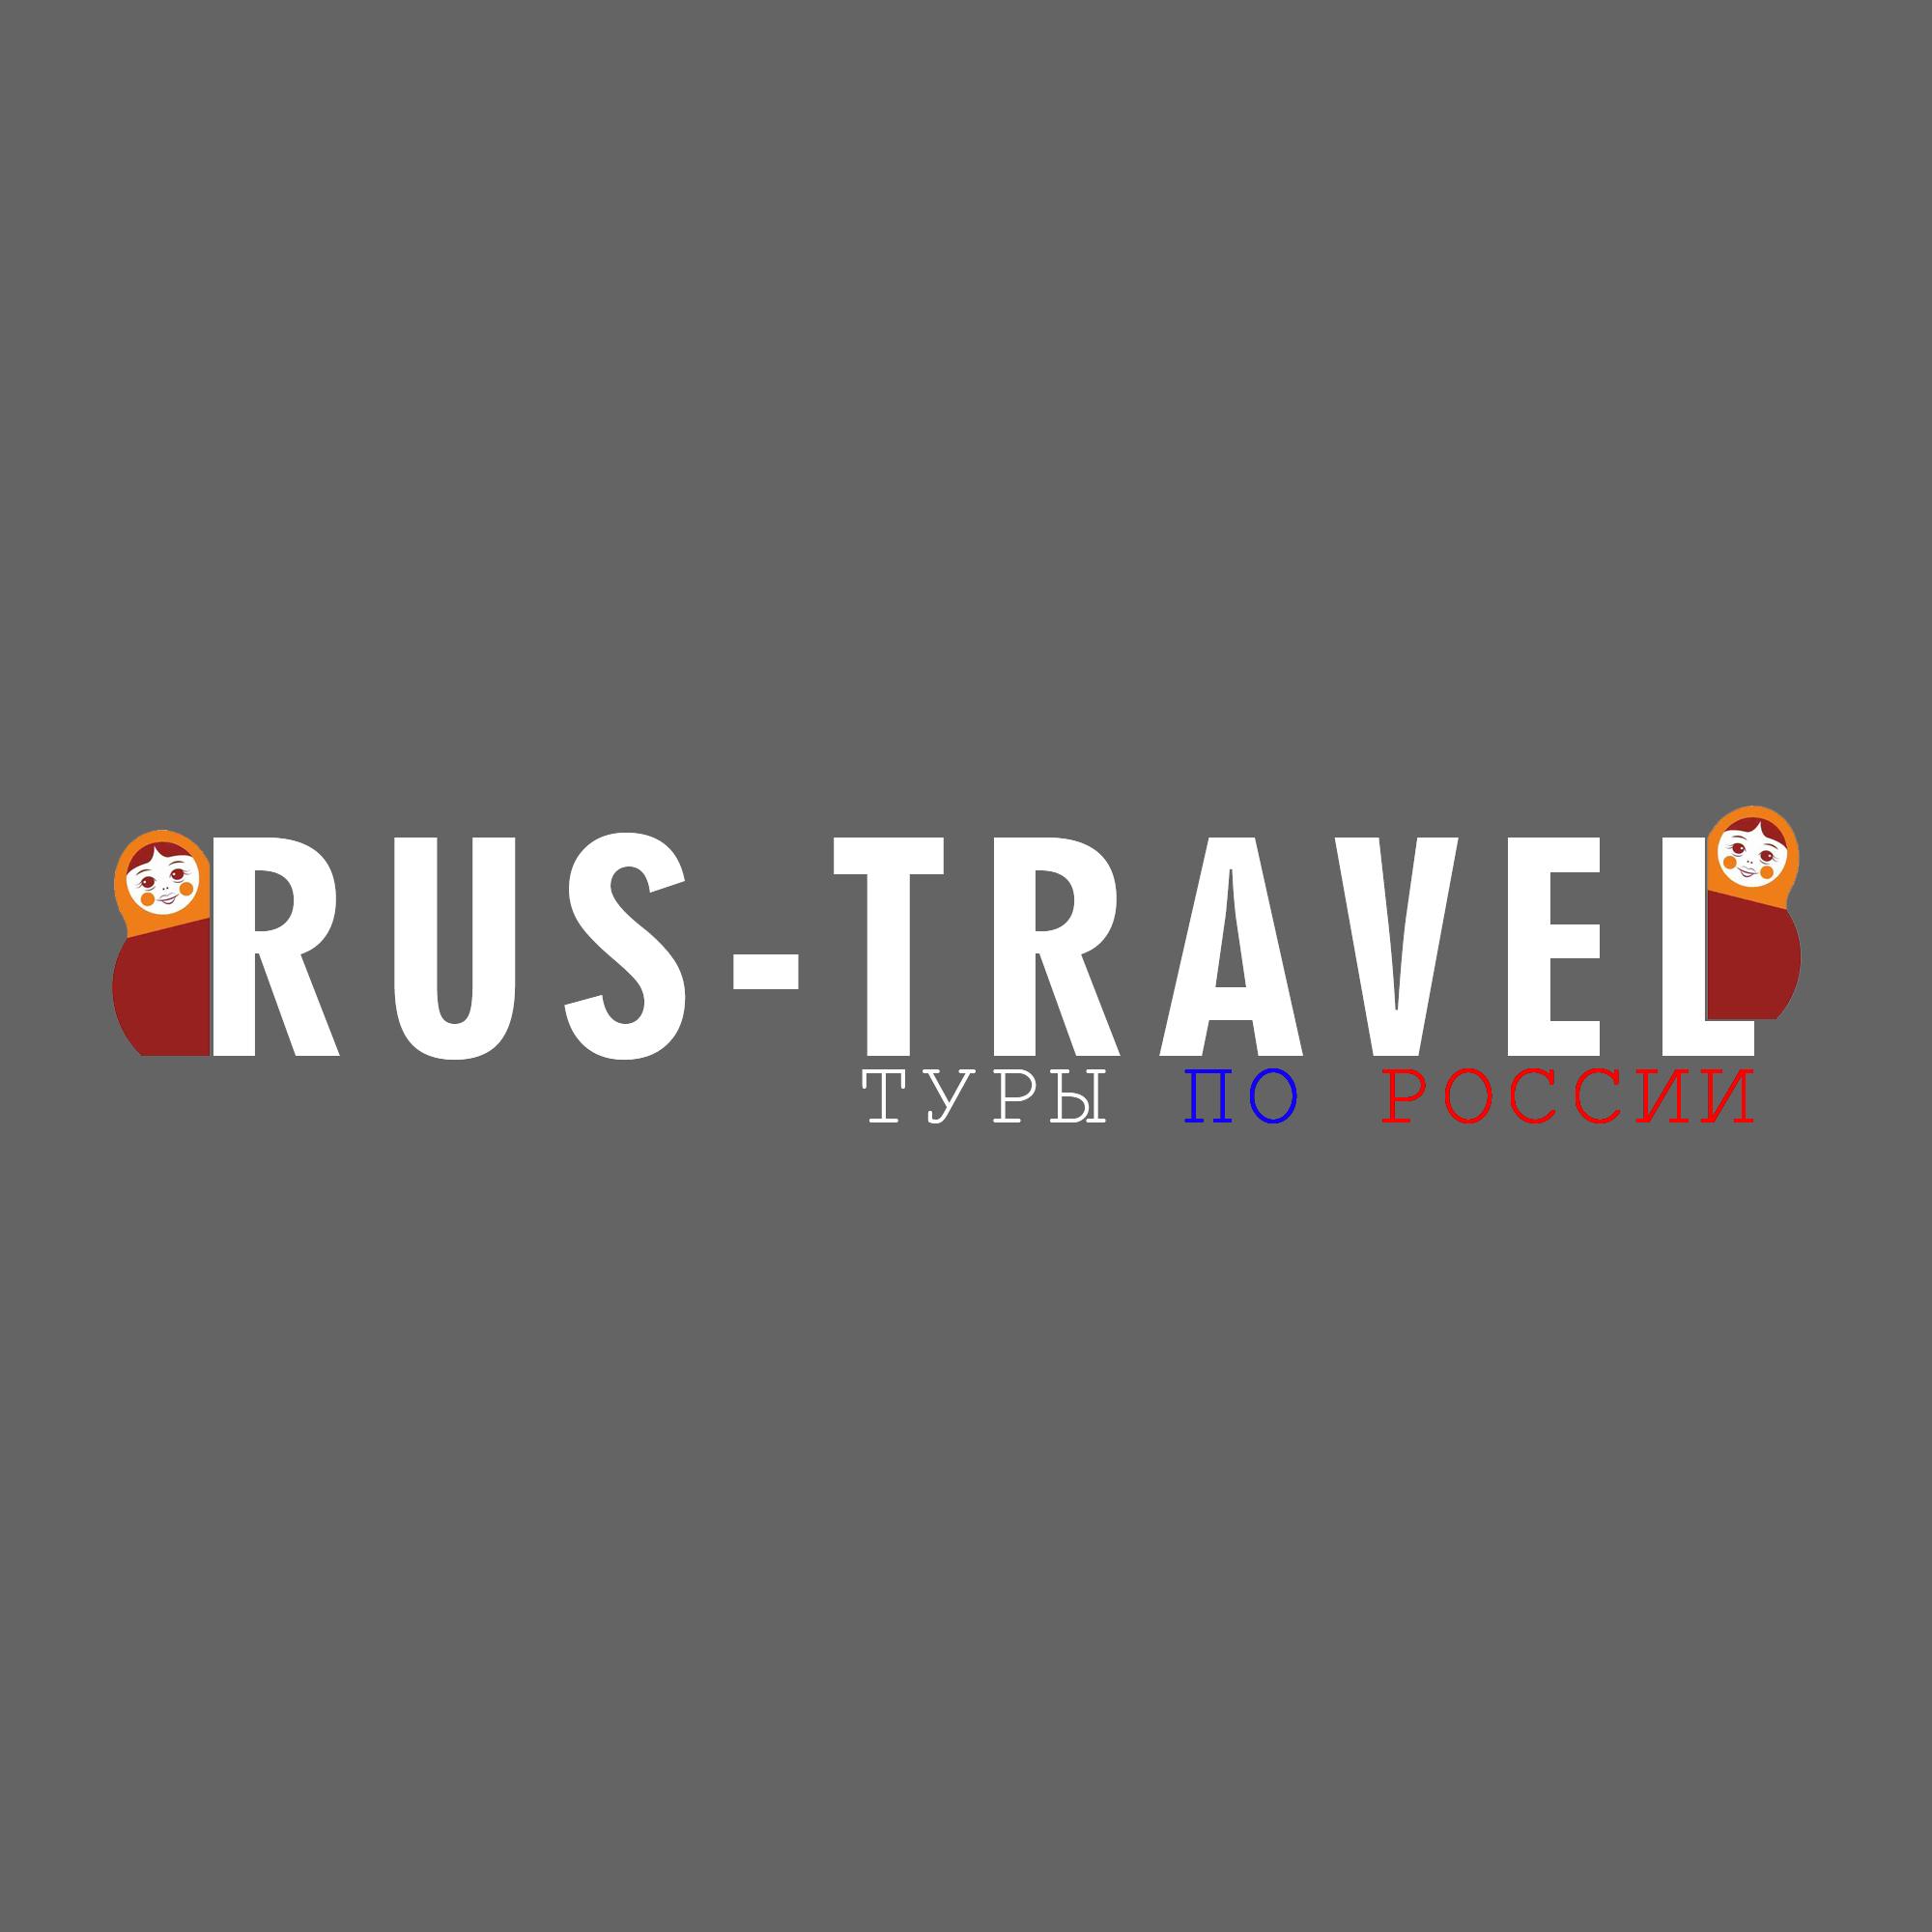 Разработка логотипа фото f_9785b3e73149f894.png